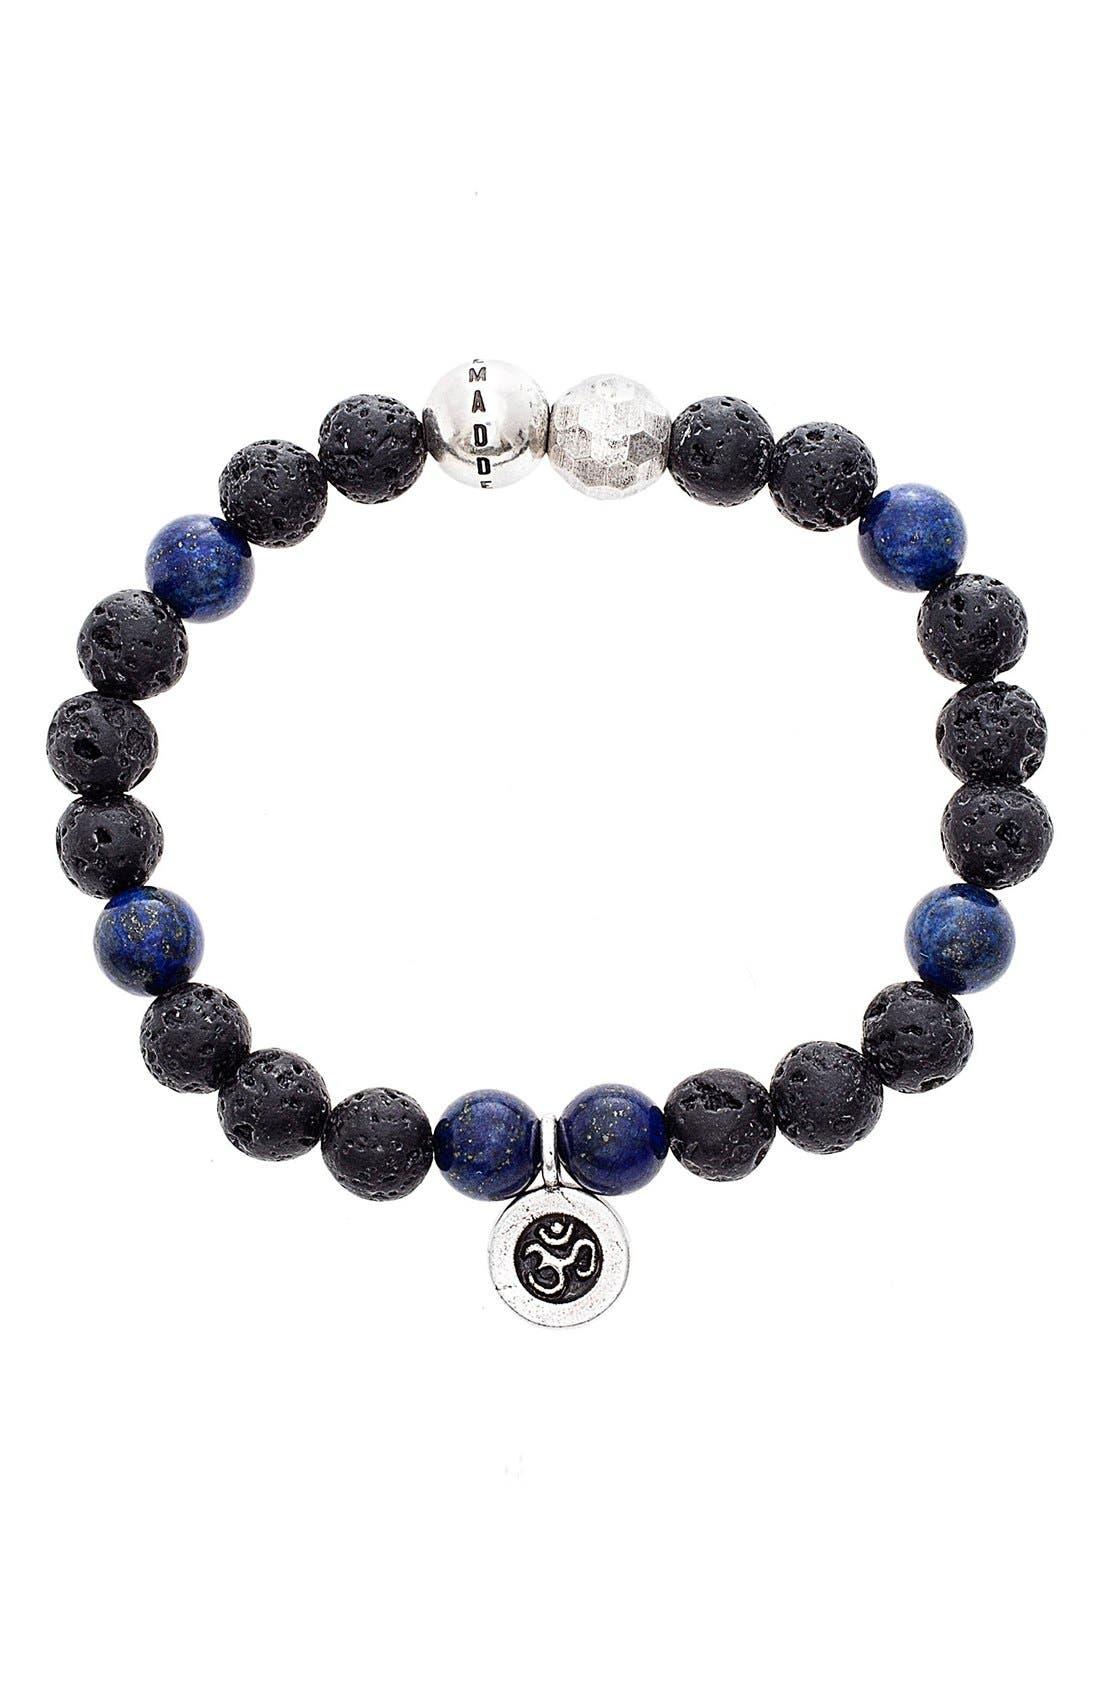 Lapis Lazuli & Lava Rock Bead Bracelet,                             Main thumbnail 1, color,                             BLACK/ BLUE